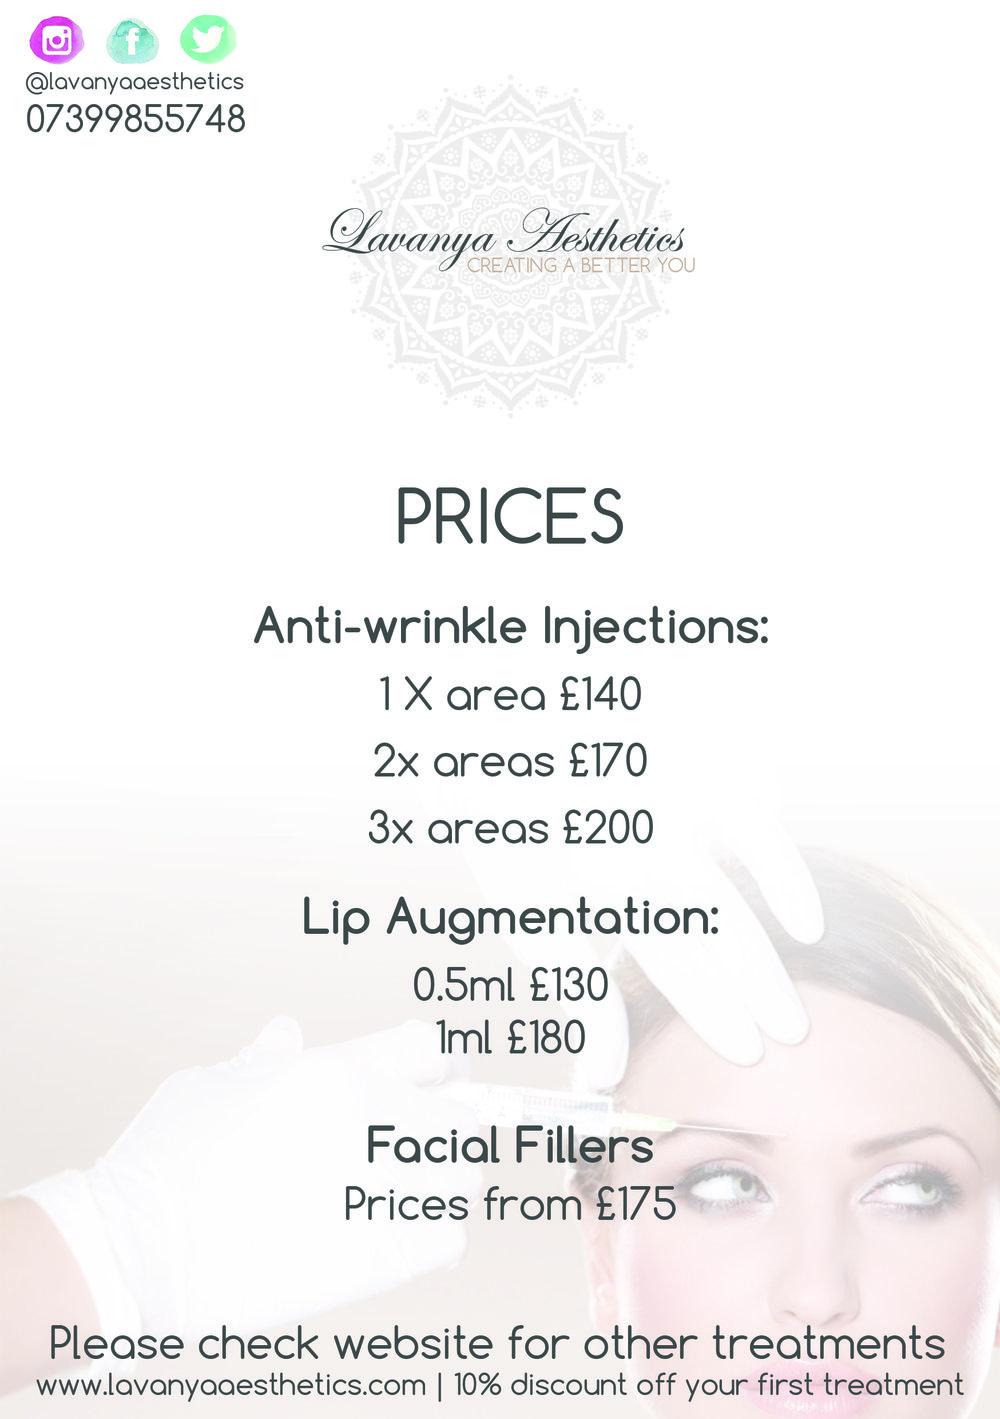 Lavanya Aesthetics A5 Promotional Flyer